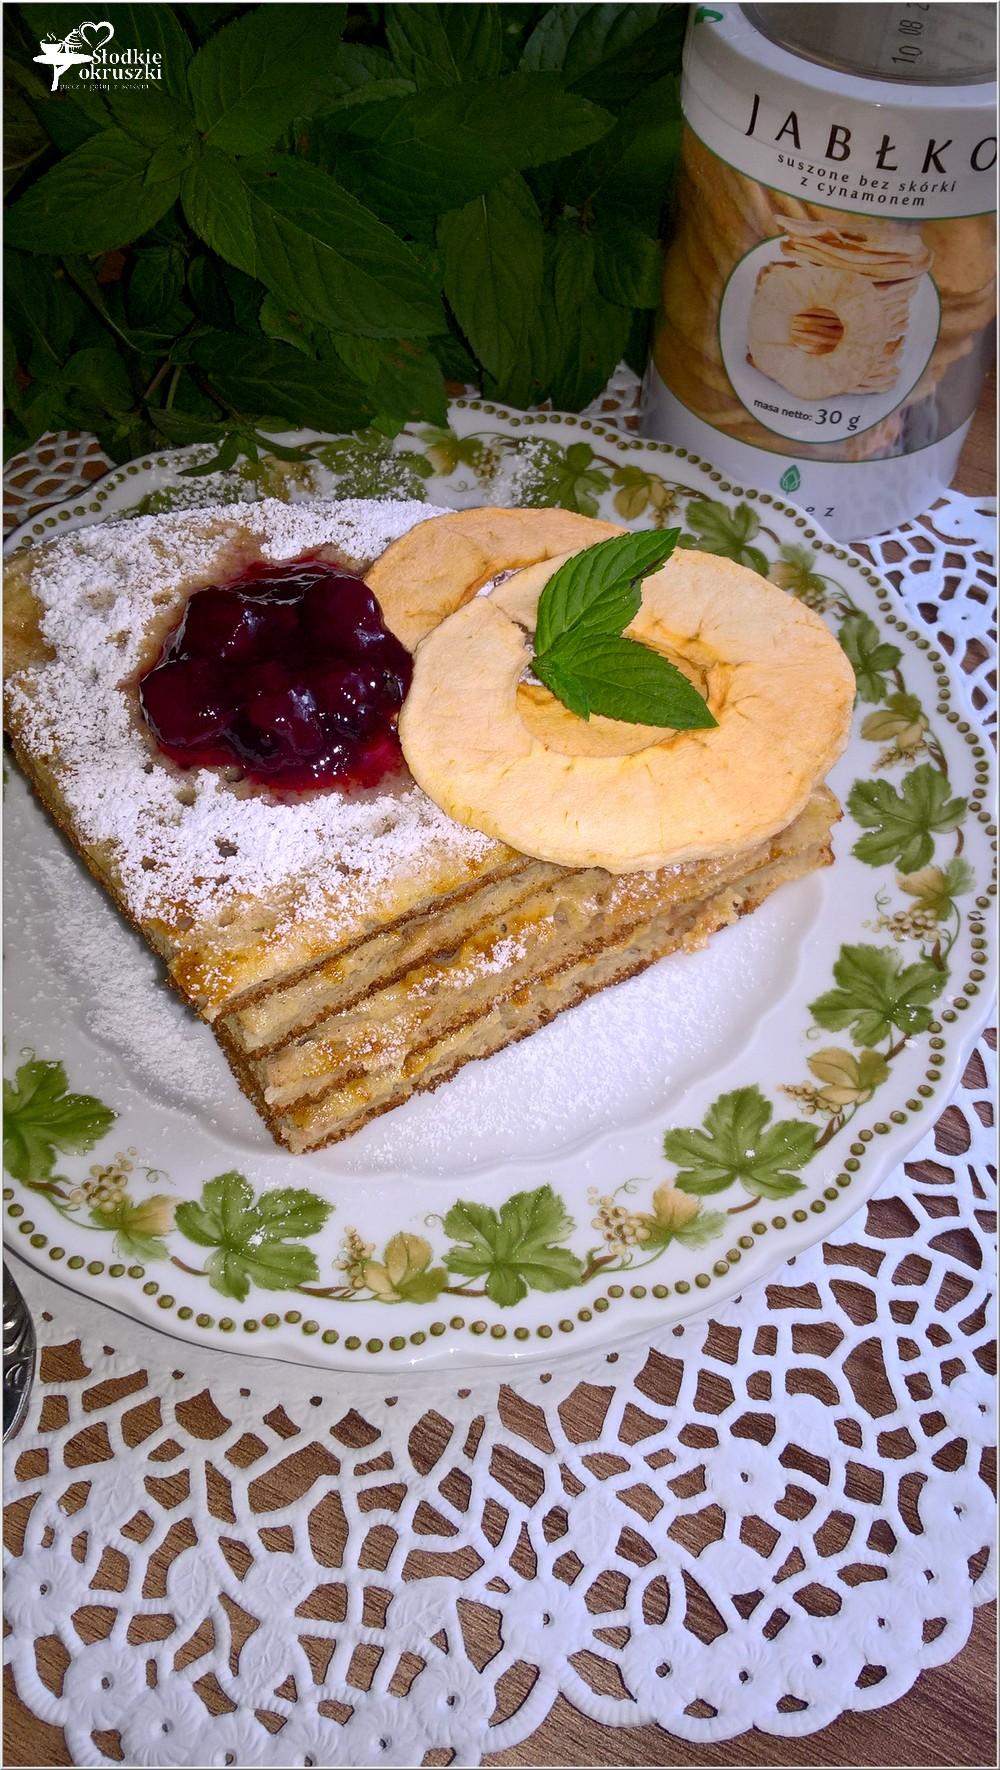 Cynamonowy omlet z jabłuszkiem (3)